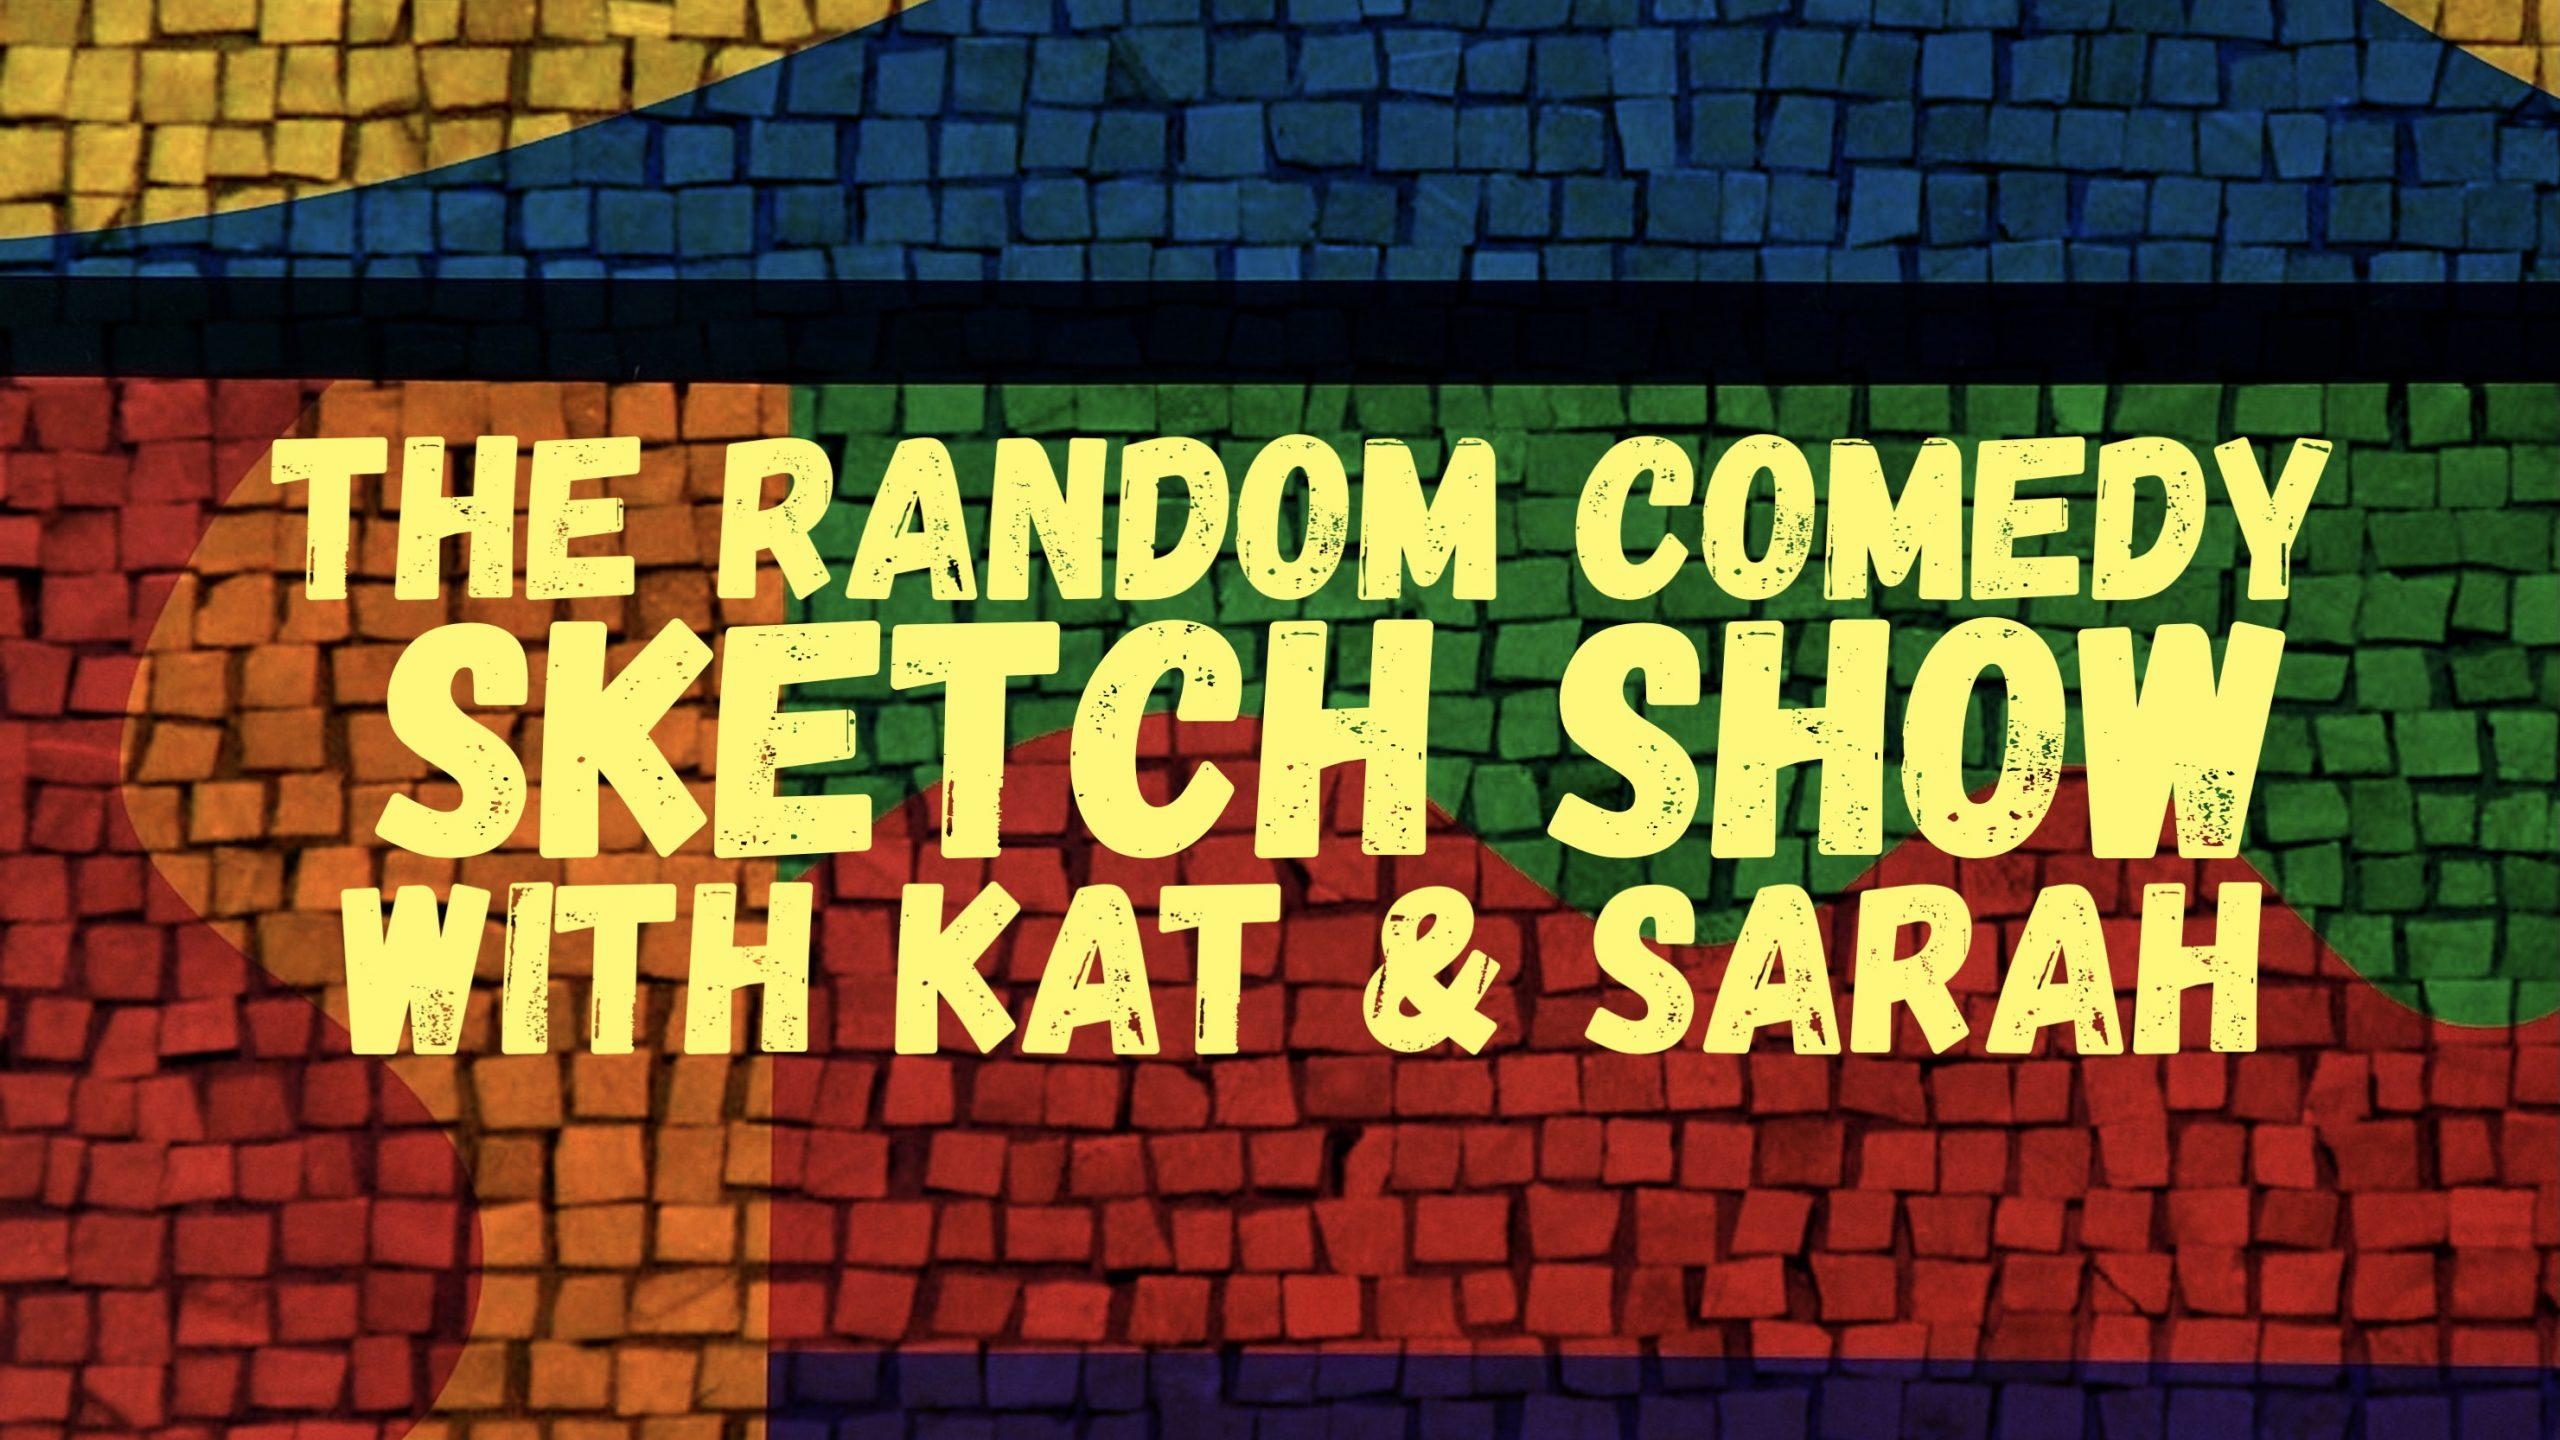 random comedy sketch show 16x9